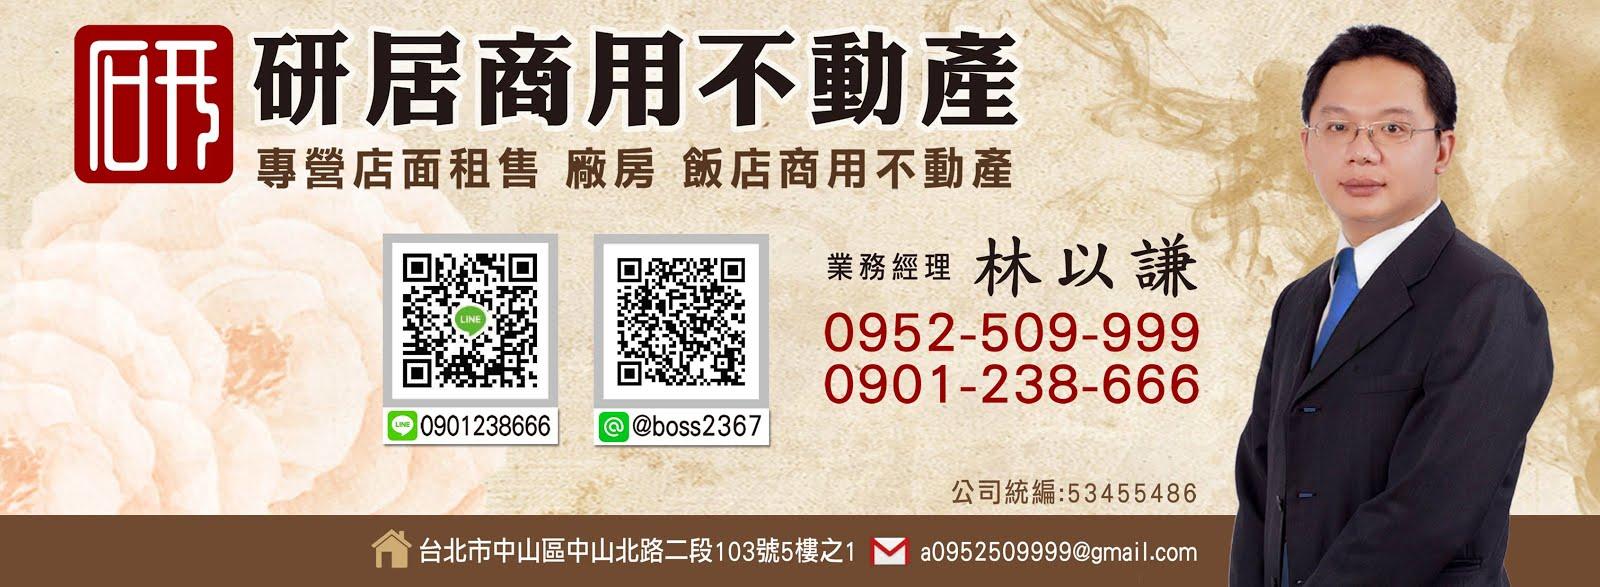 研居商用不動產台北中山店  林以謙  專營自地自建  合建  土地買賣